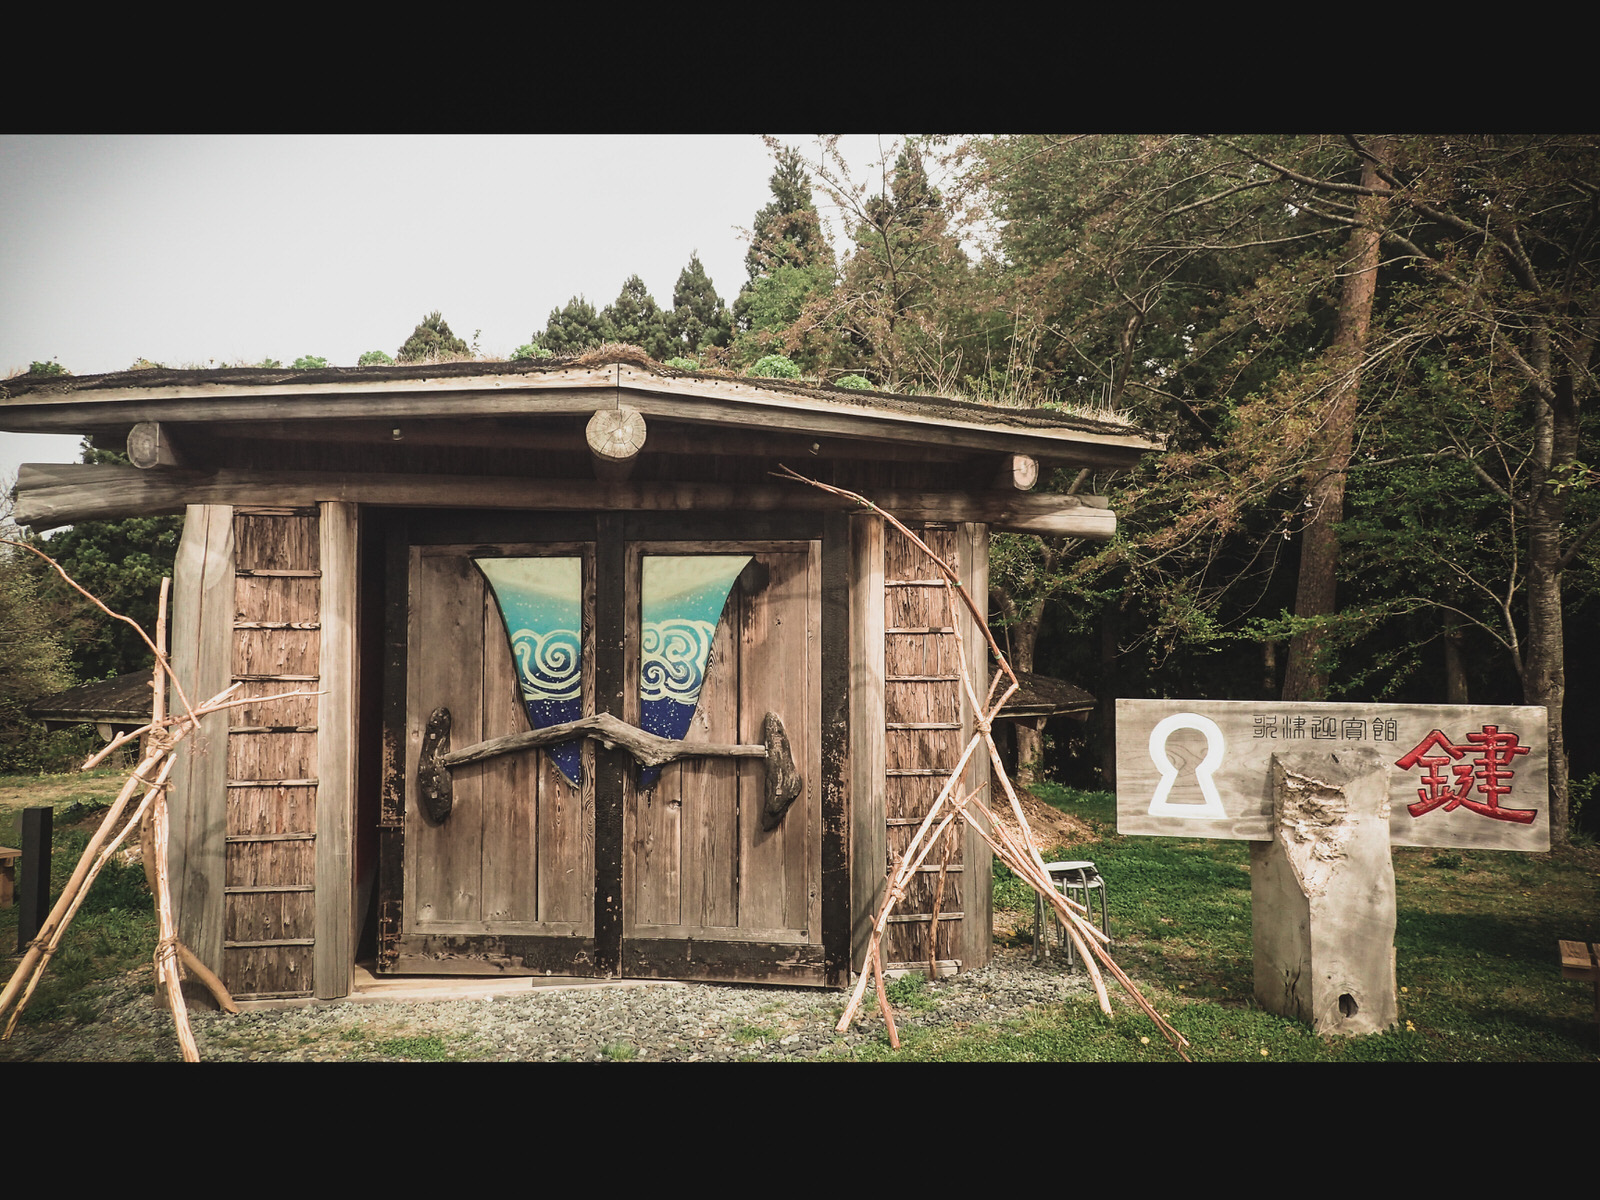 復興のシンボル『歌津迎賓館「鍵」』にて音楽イベント開催